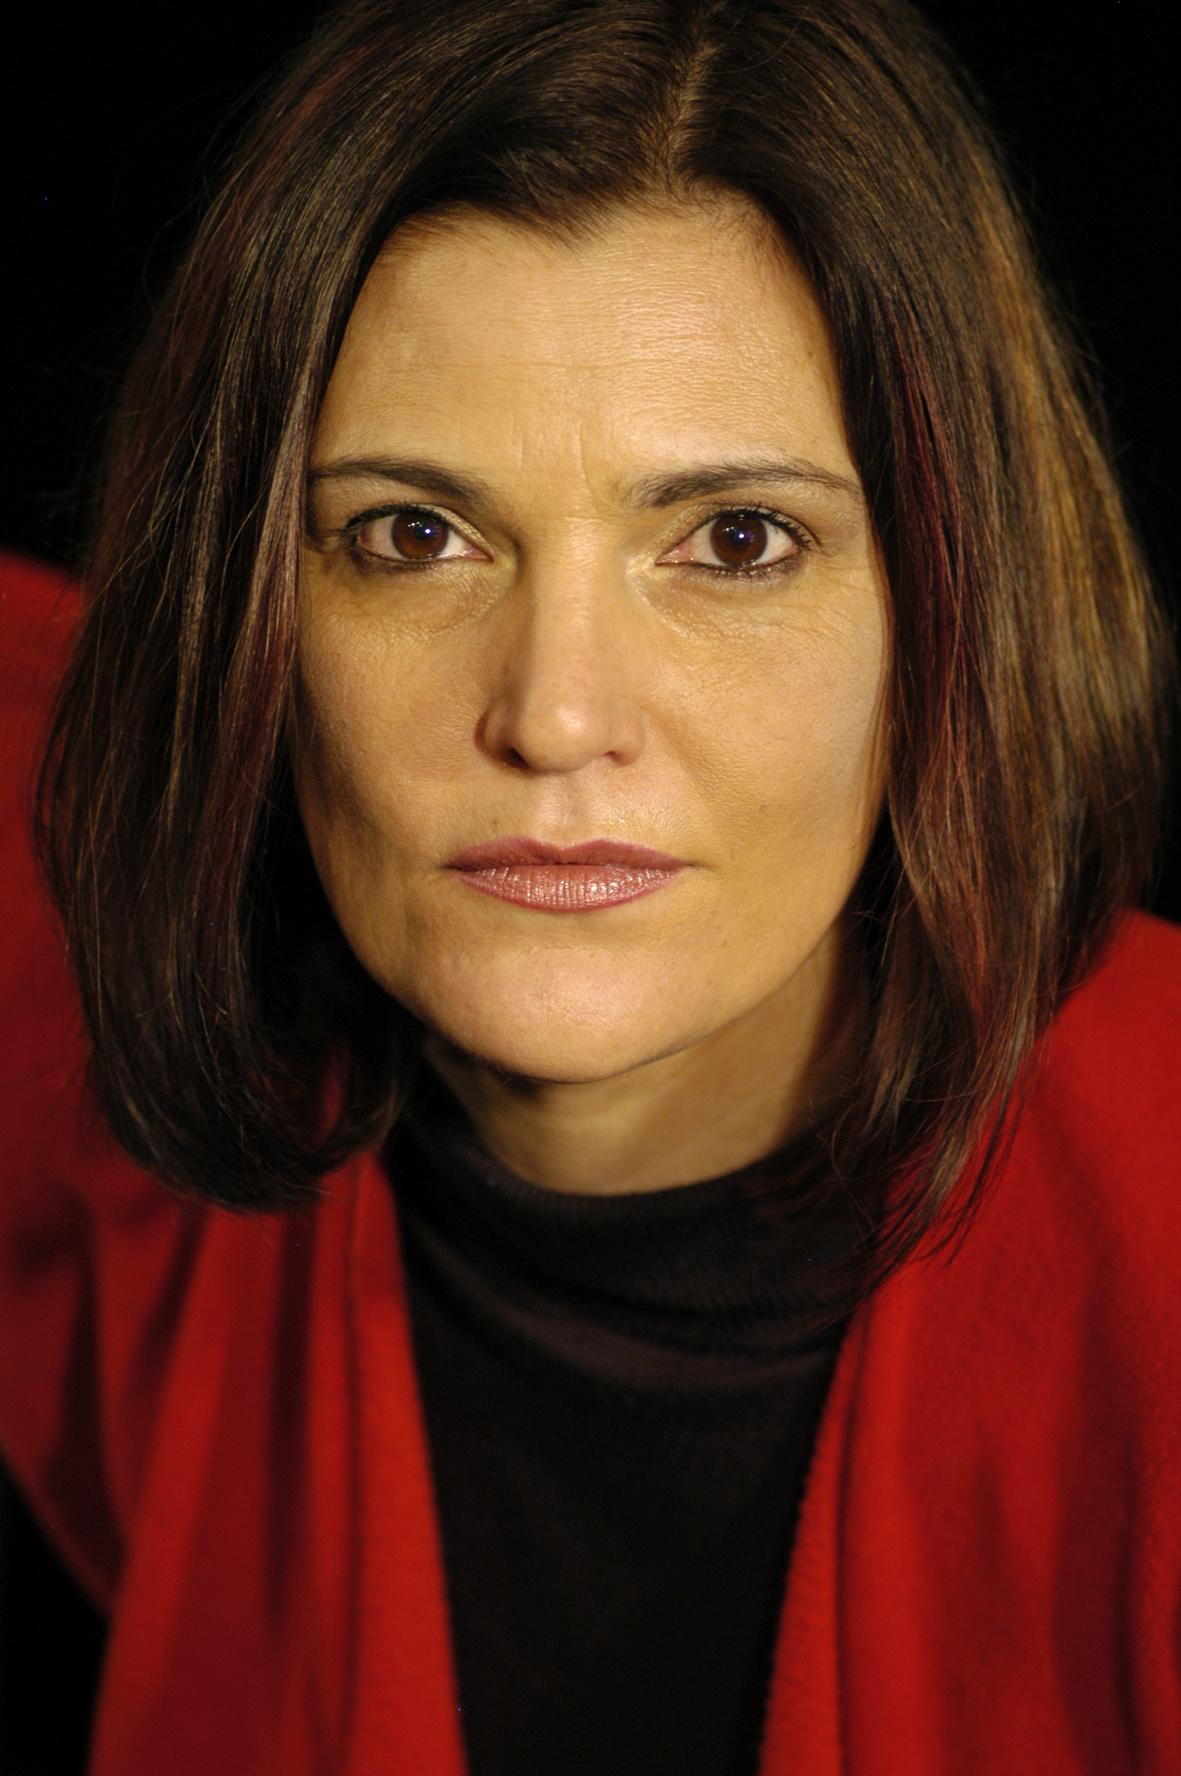 Dorothea Rinck